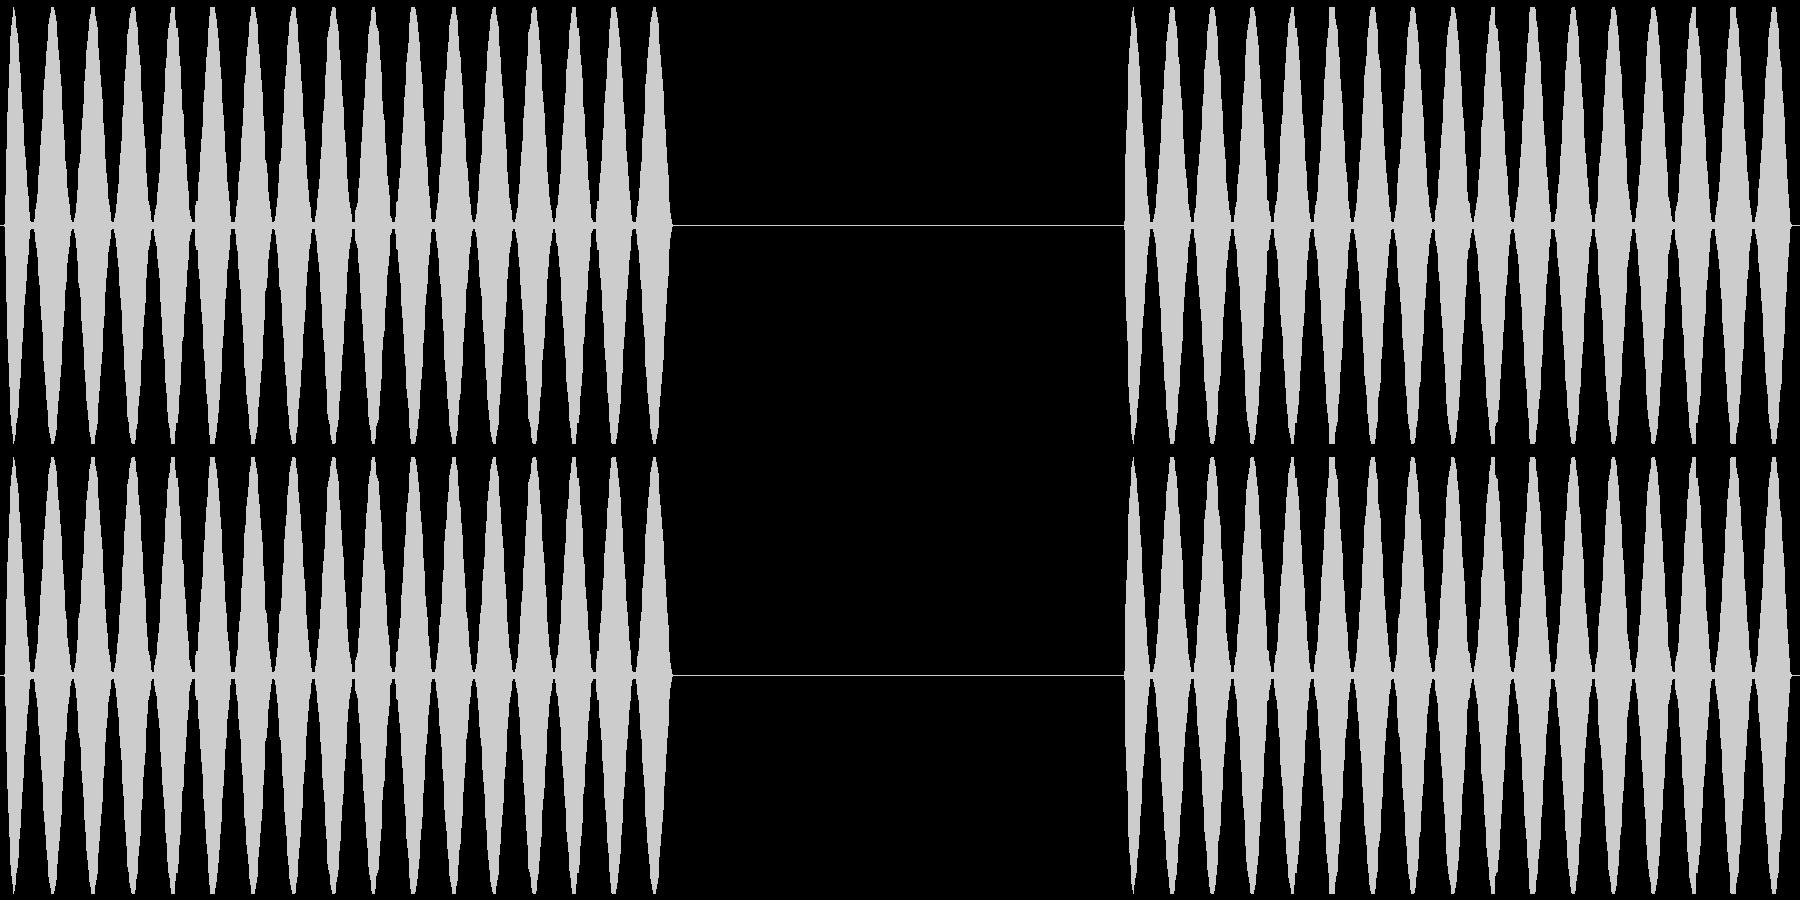 電話 呼び出し音 プルルルル×2 の未再生の波形